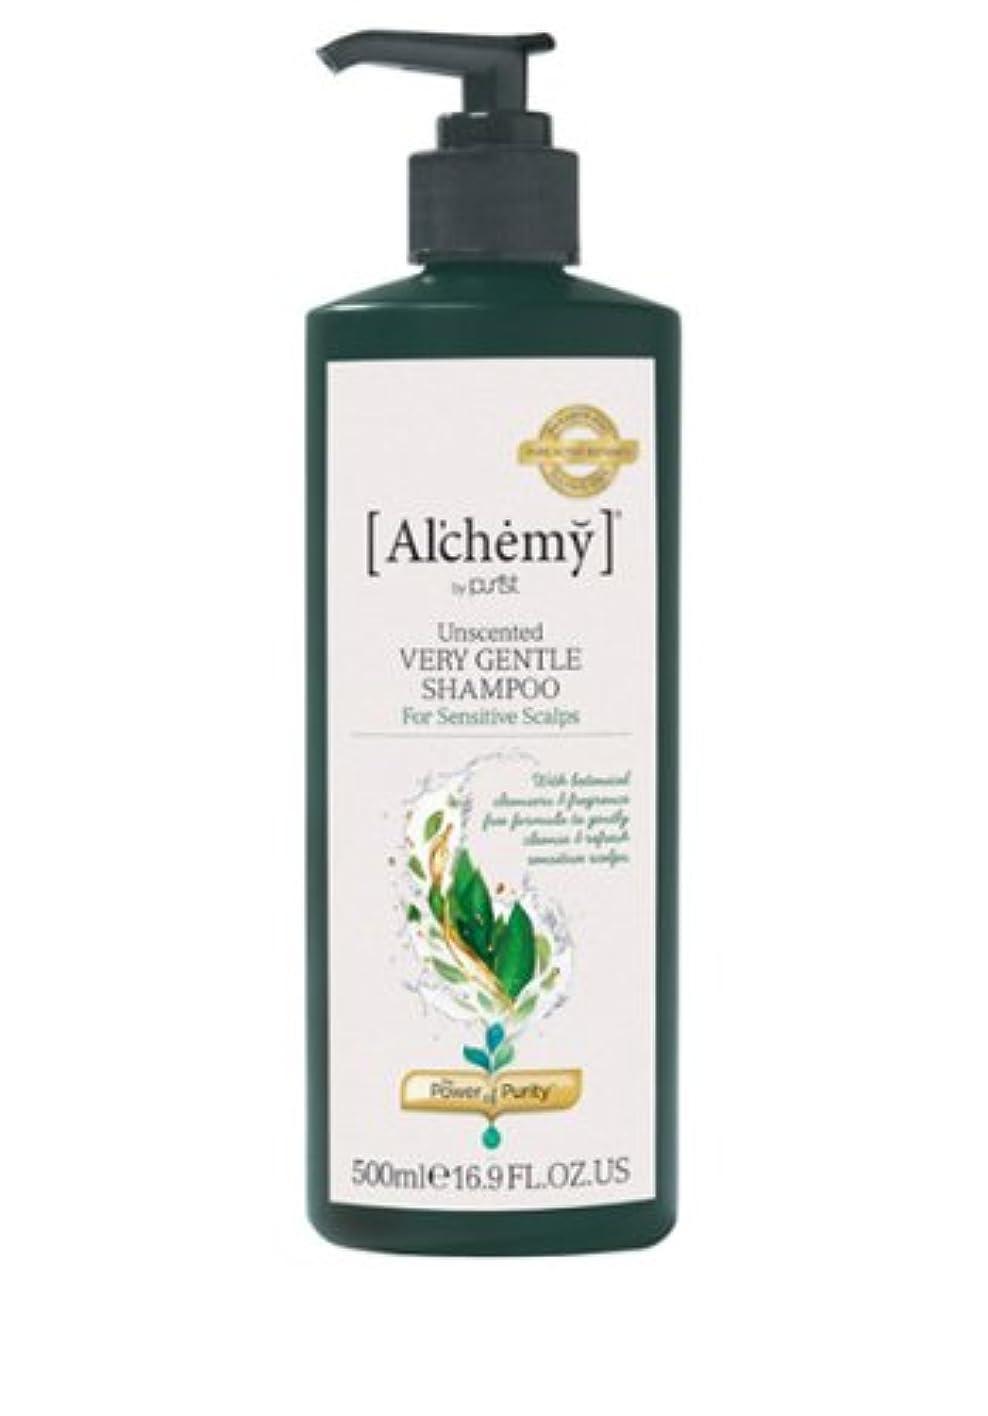 焼くスーダン日記【Al'chemy(alchemy)】アルケミー ベリージェントルシャンプー(Unscented Very Gentle Shampoo)(敏感肌用)500ml